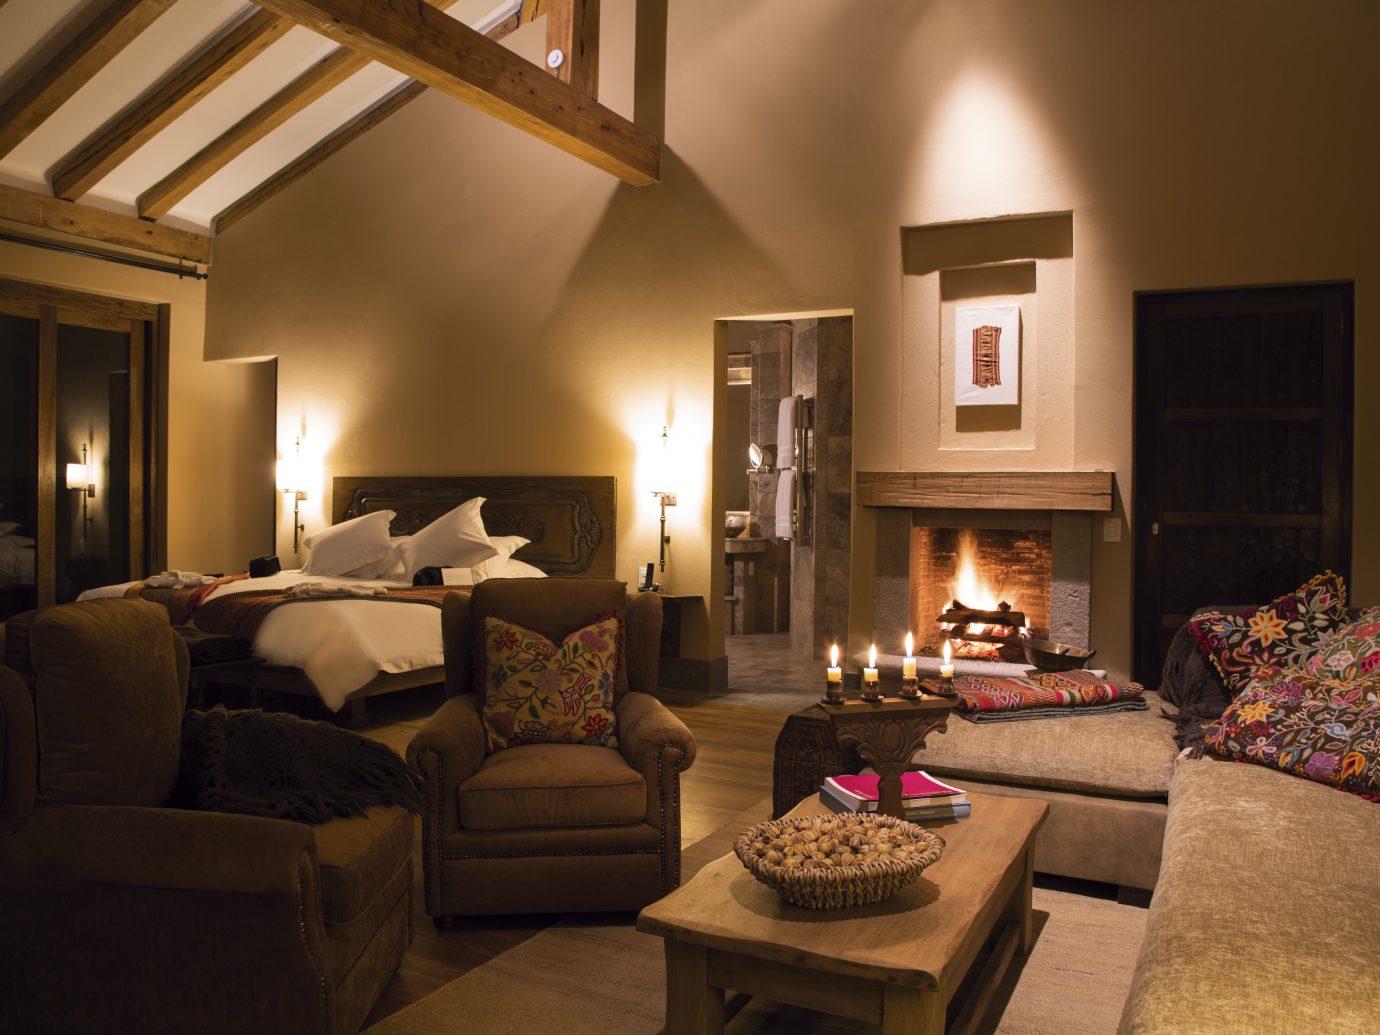 Bedroom at the inkaterra hacienda urubamba